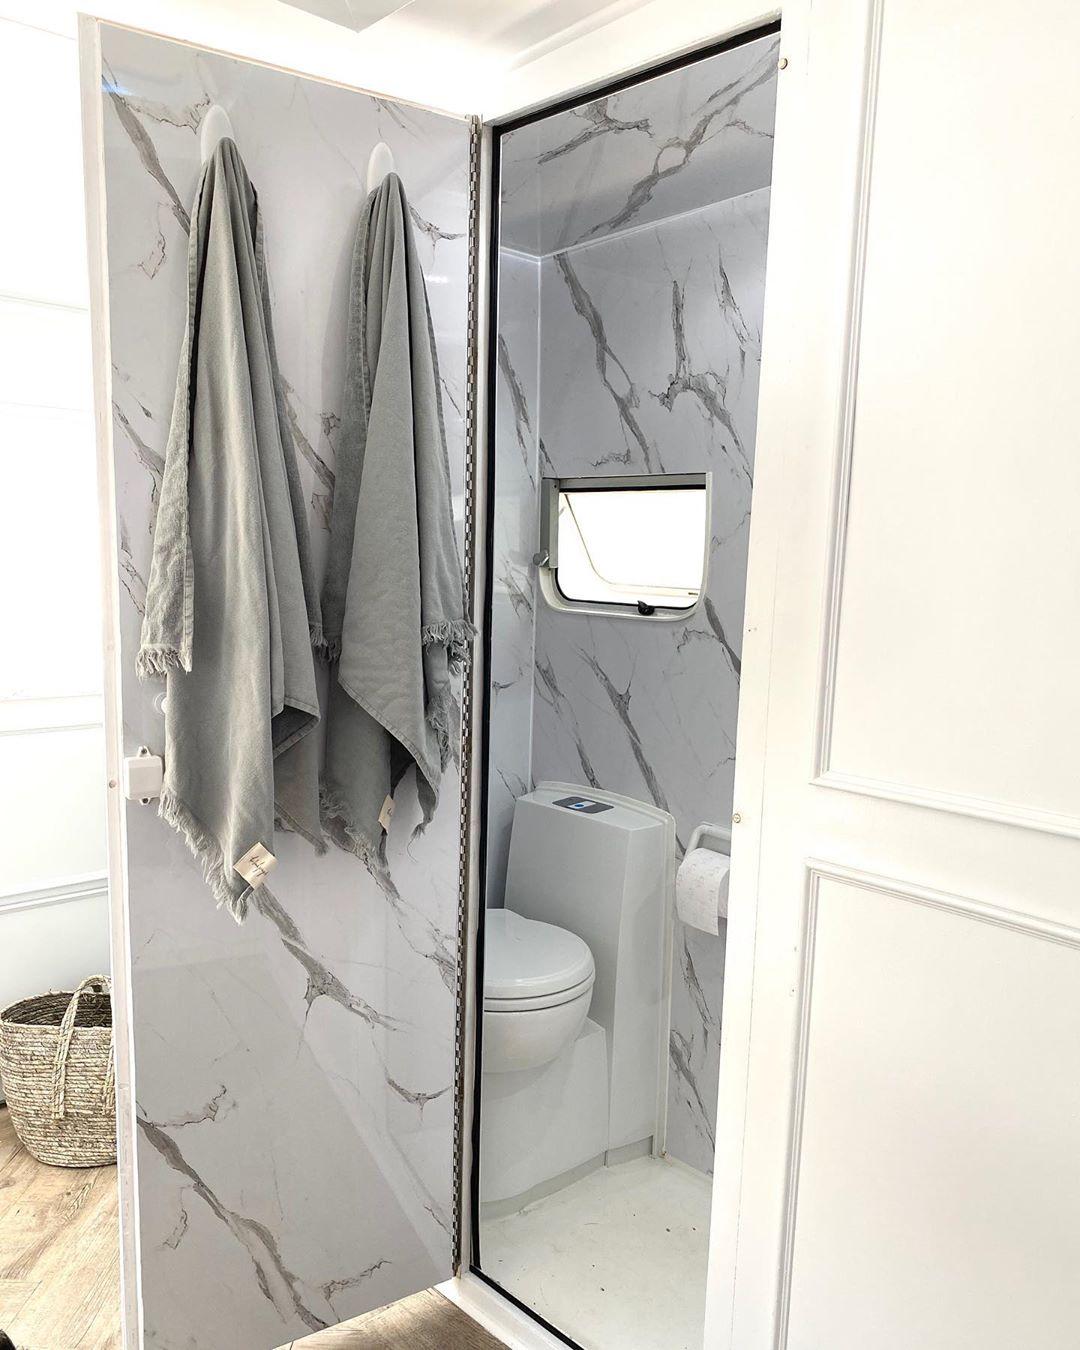 White and grey caravan bathroom interior